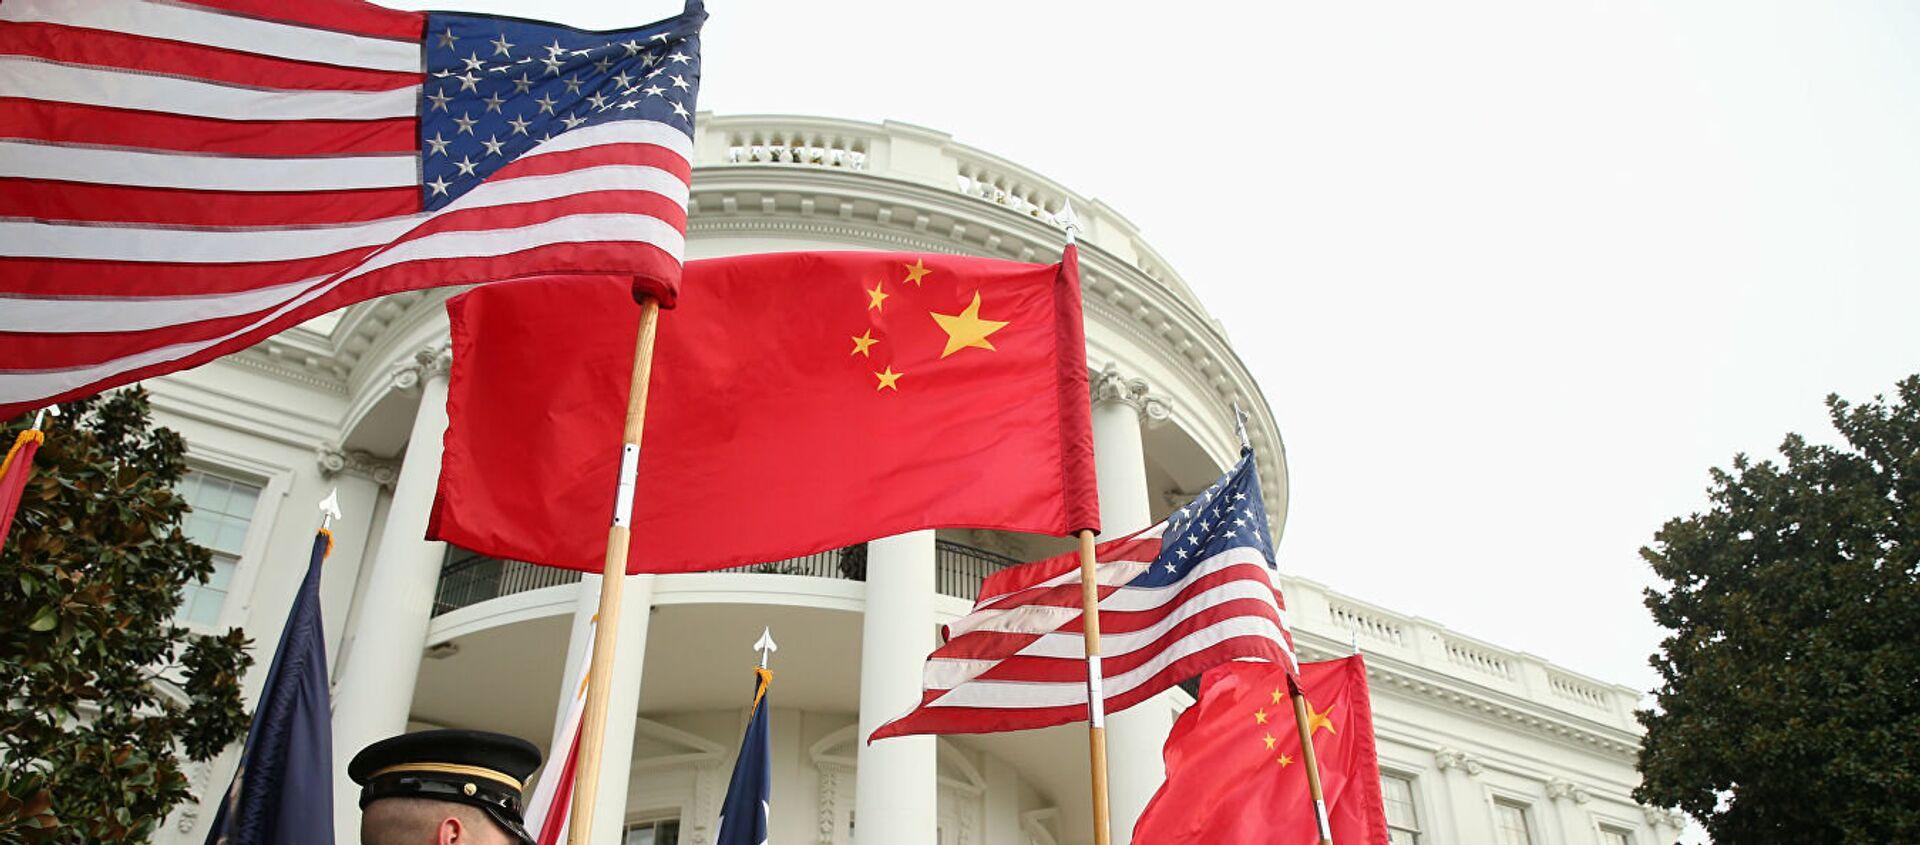 Người bảo vệ danh dự tại Nhà Trắng ở Washington với cờ của Hoa Kỳ và Trung Quốc. - Sputnik Việt Nam, 1920, 14.04.2021